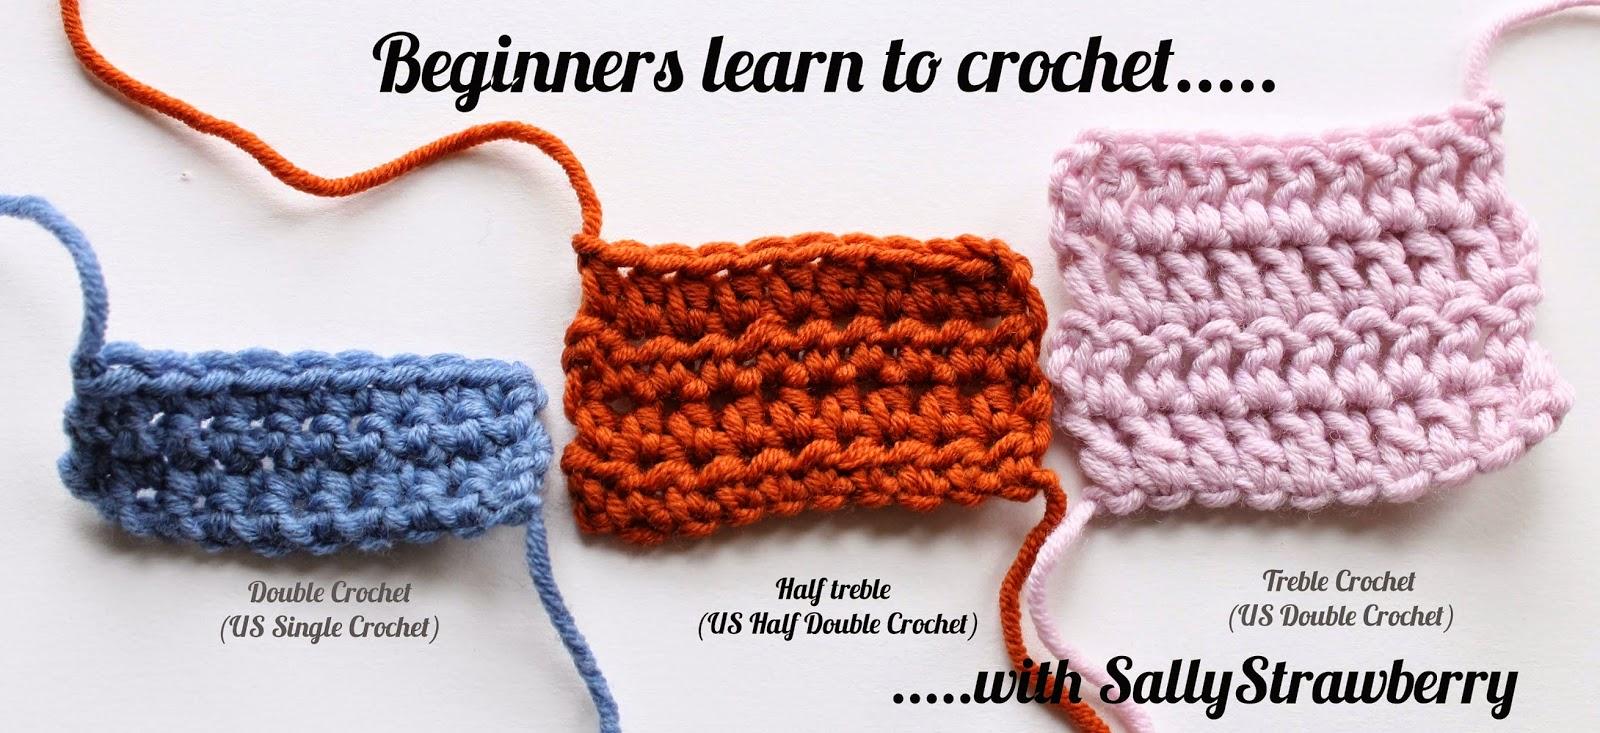 Crocheting For Beginners beginners learn to crochet: half-treble crochet avfovot